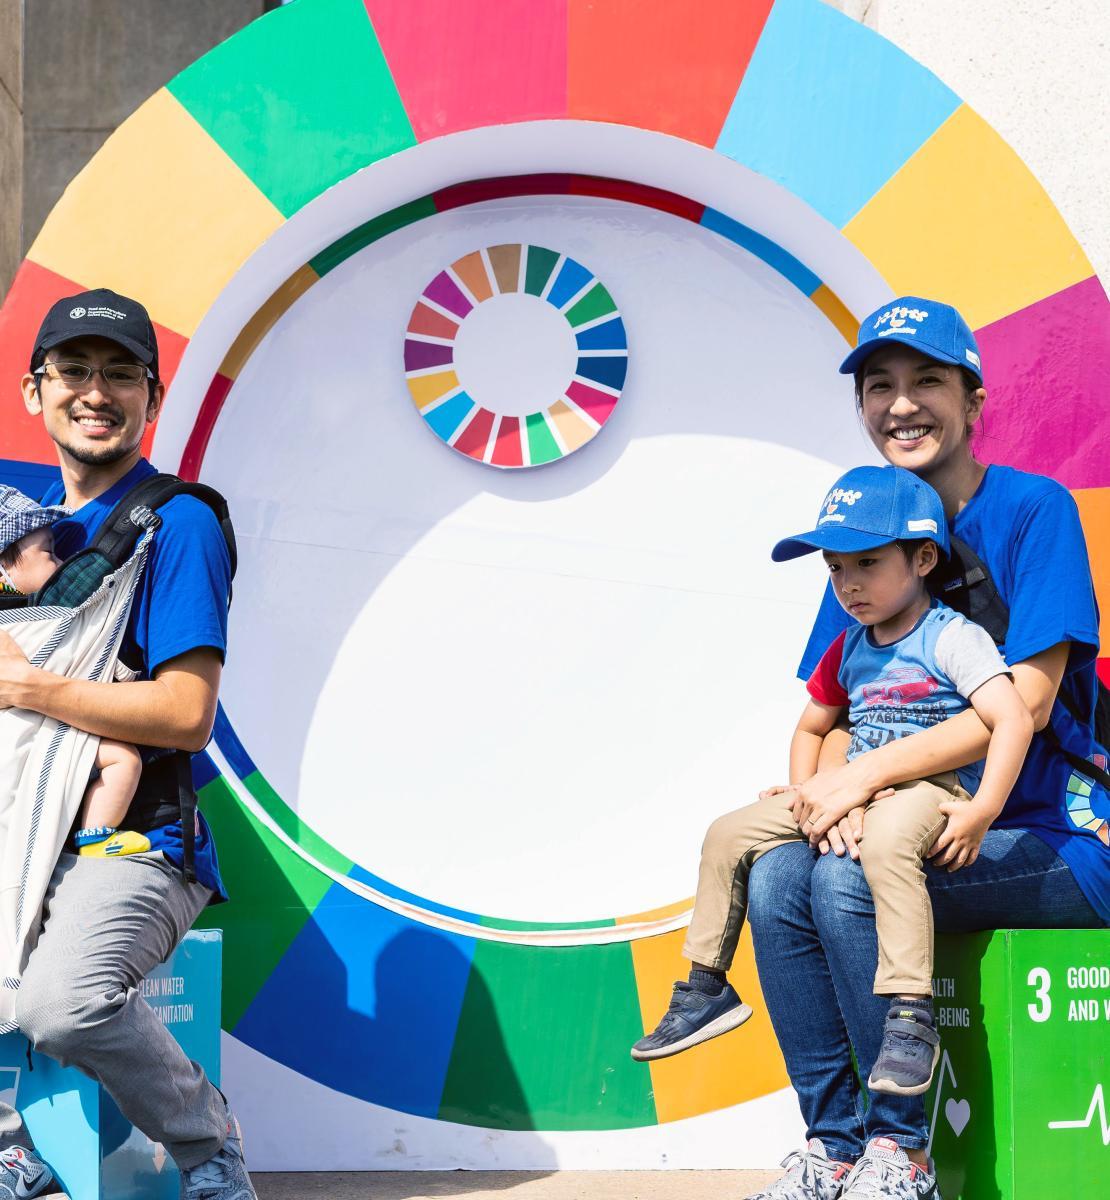 Un padre y una madre, cada uno, sostienen a un niño pequeño en el regazo, mientras sonríen alegremente a la cámara y se encuentran sentados en los extremos opuestos de una rueda con los colores de los ODS.